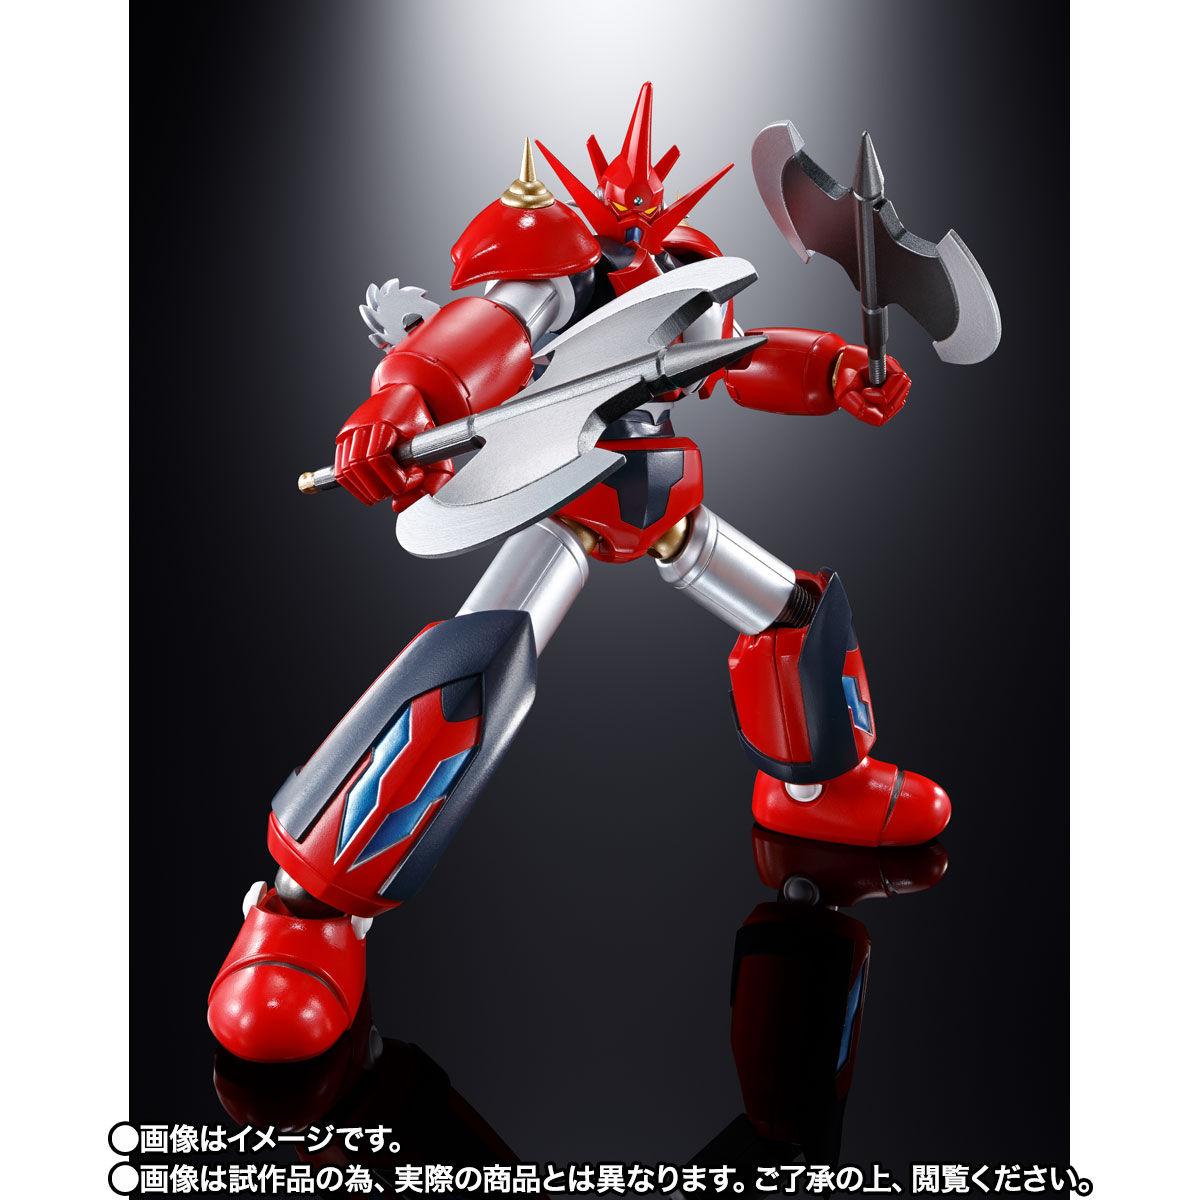 【限定販売】超合金魂『GX-98 ゲッターD2』ゲッターロボ アーク 可動フィギュア-006